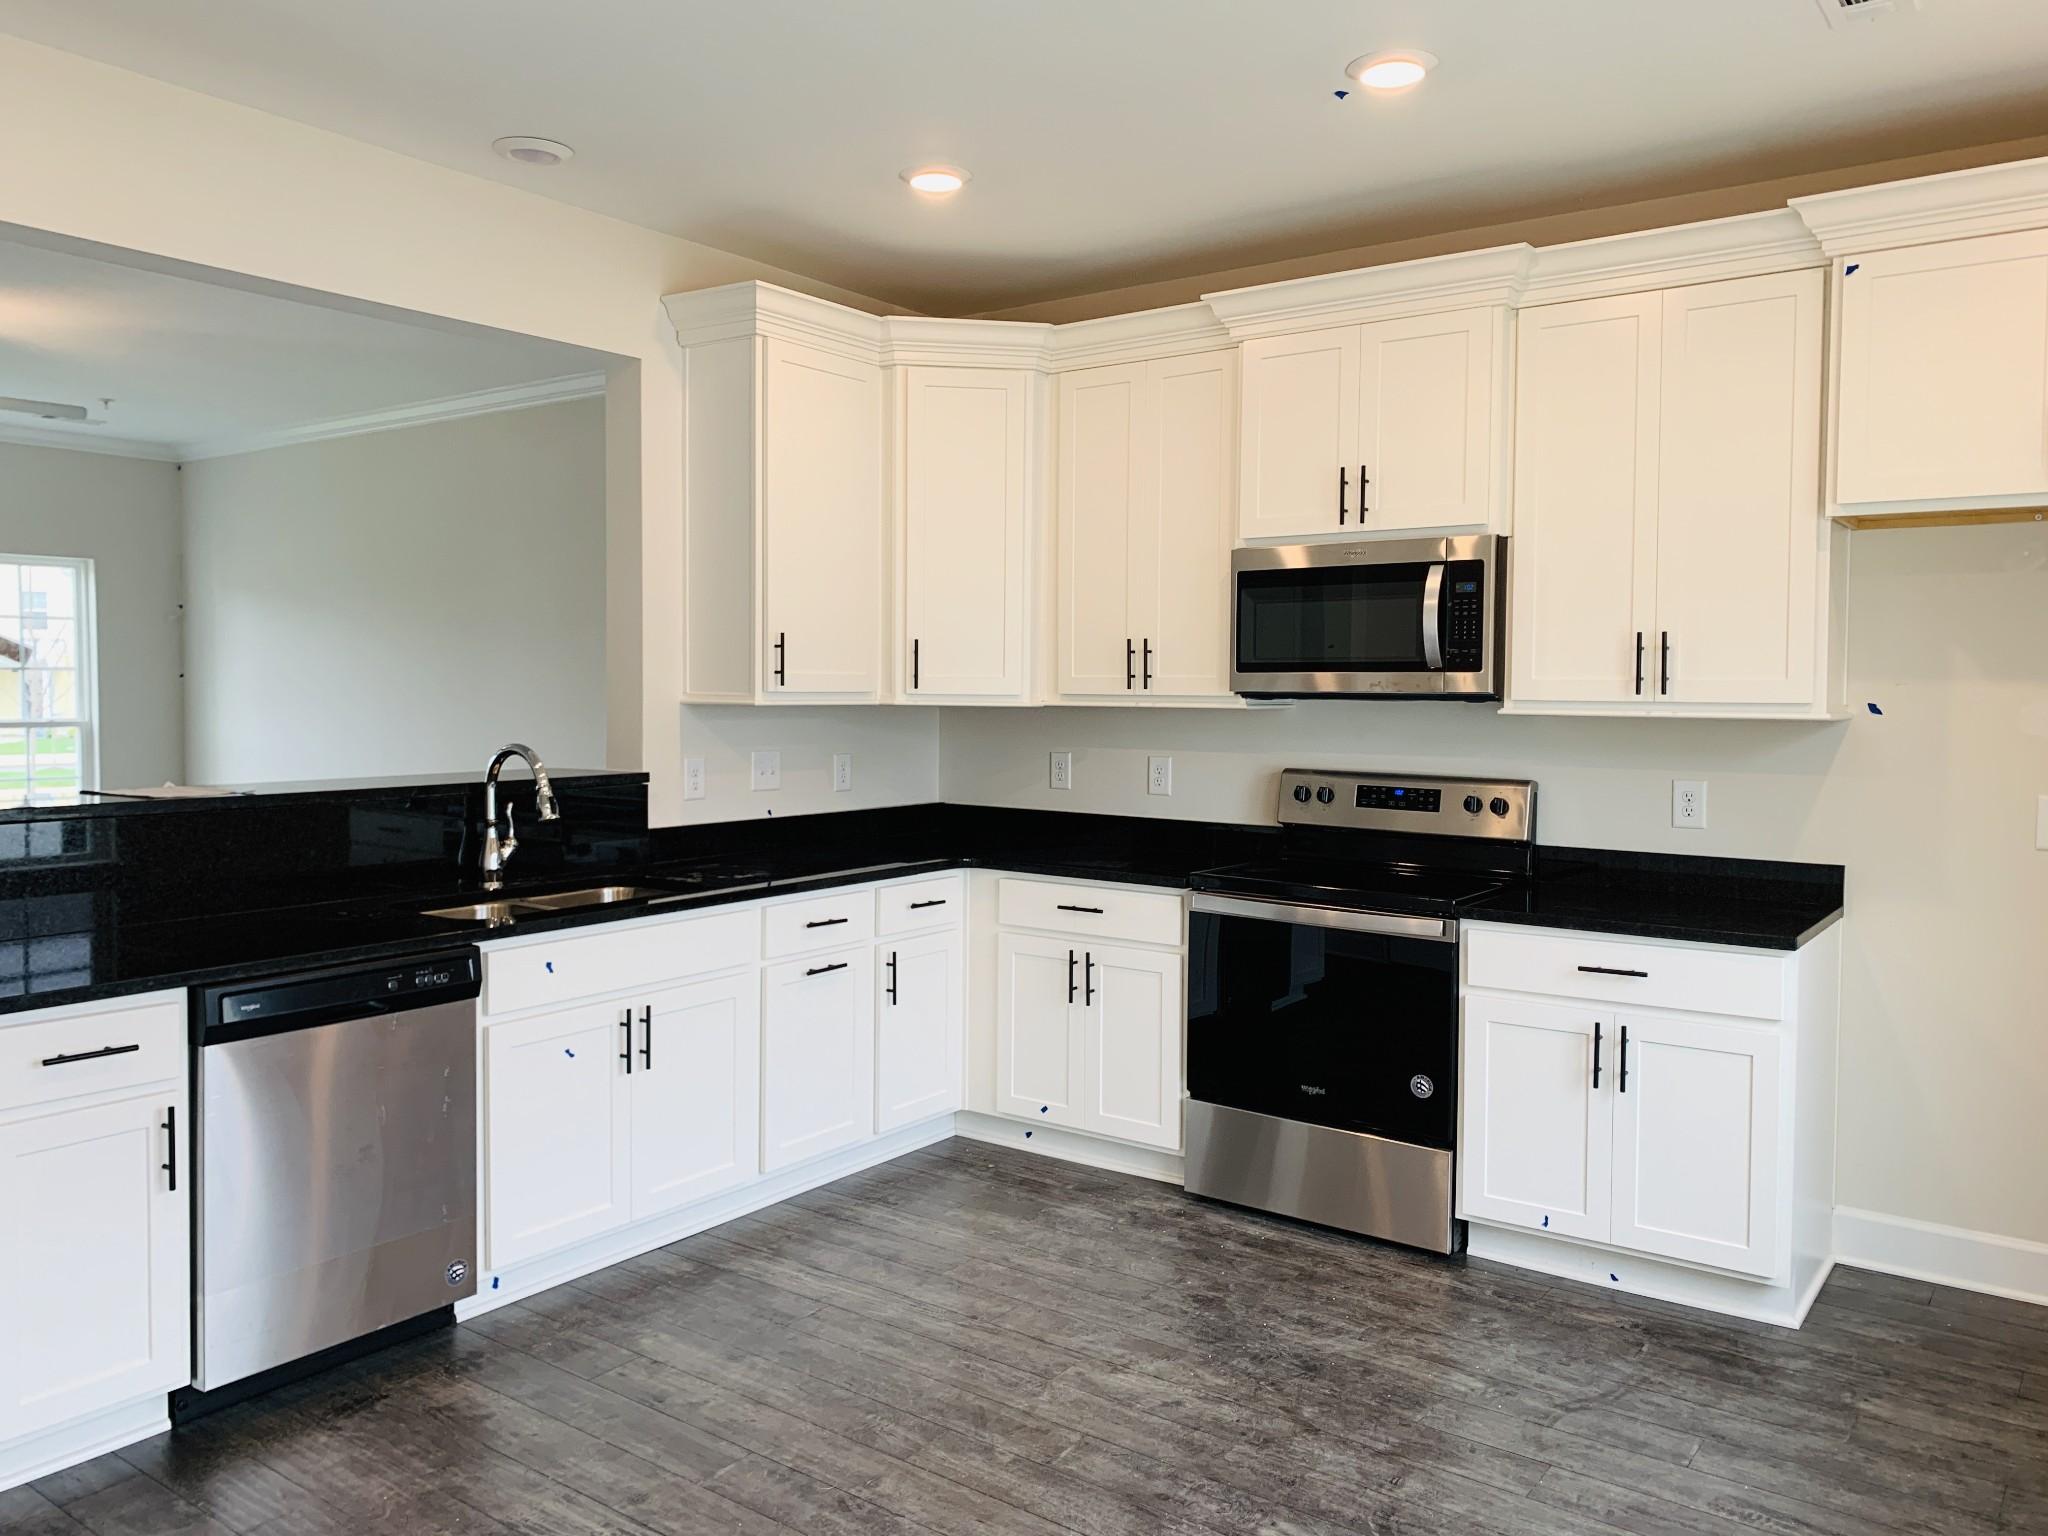 225 Path Alley #225, Nolensville, TN 37135 - Nolensville, TN real estate listing